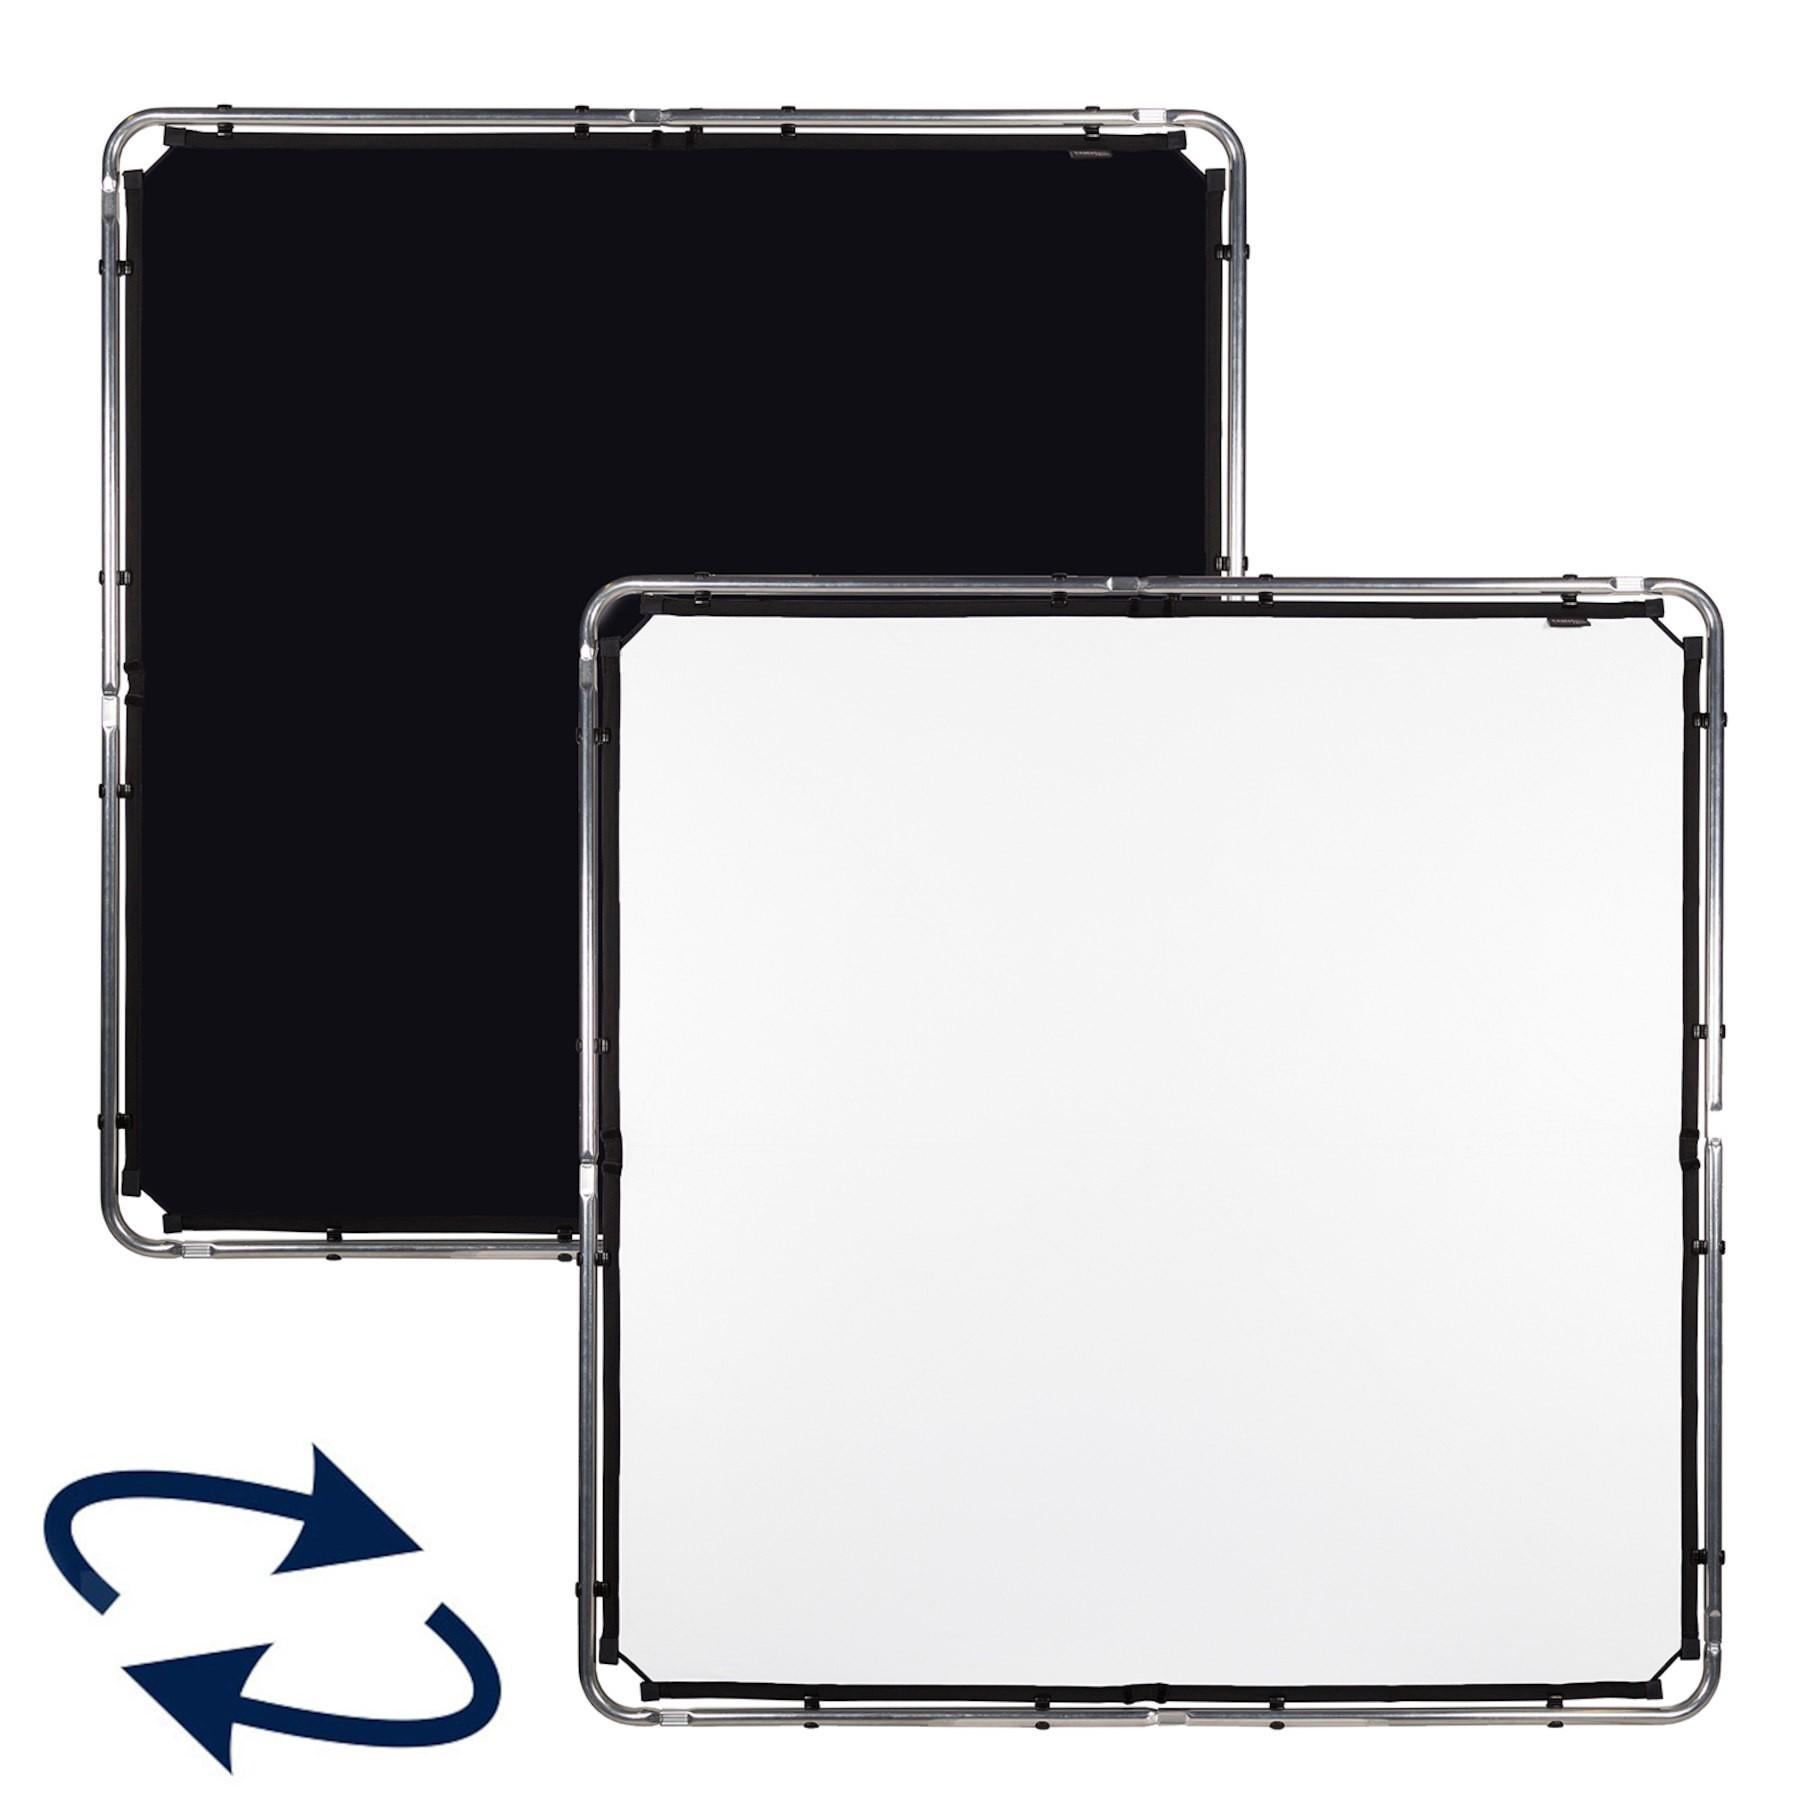 Lastolite SkyRapid Bespannung midi 1,5 x 1,5m schwarz / weiß